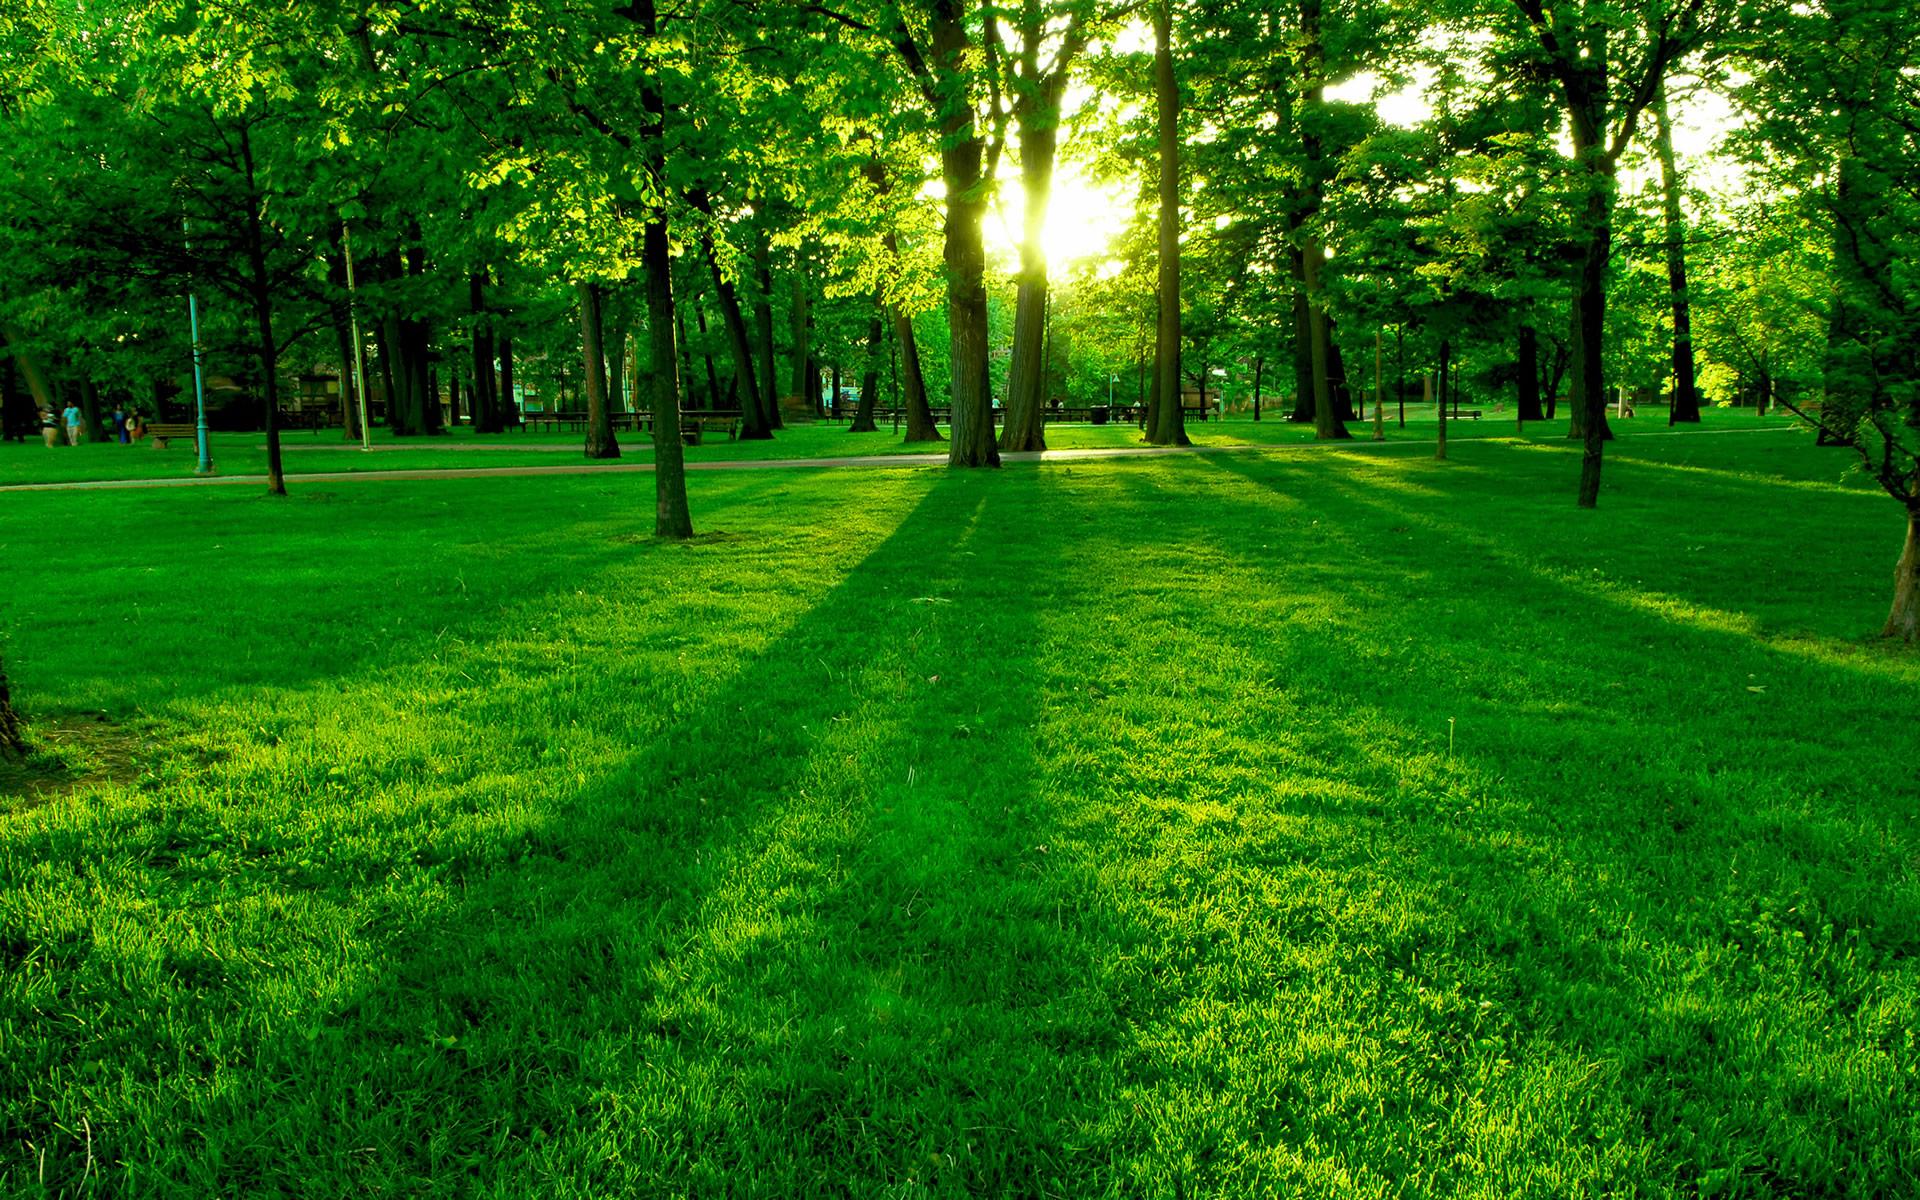 зеленая поляна, трава, скачать фото, обои для рабочего стола, spring wallpaper